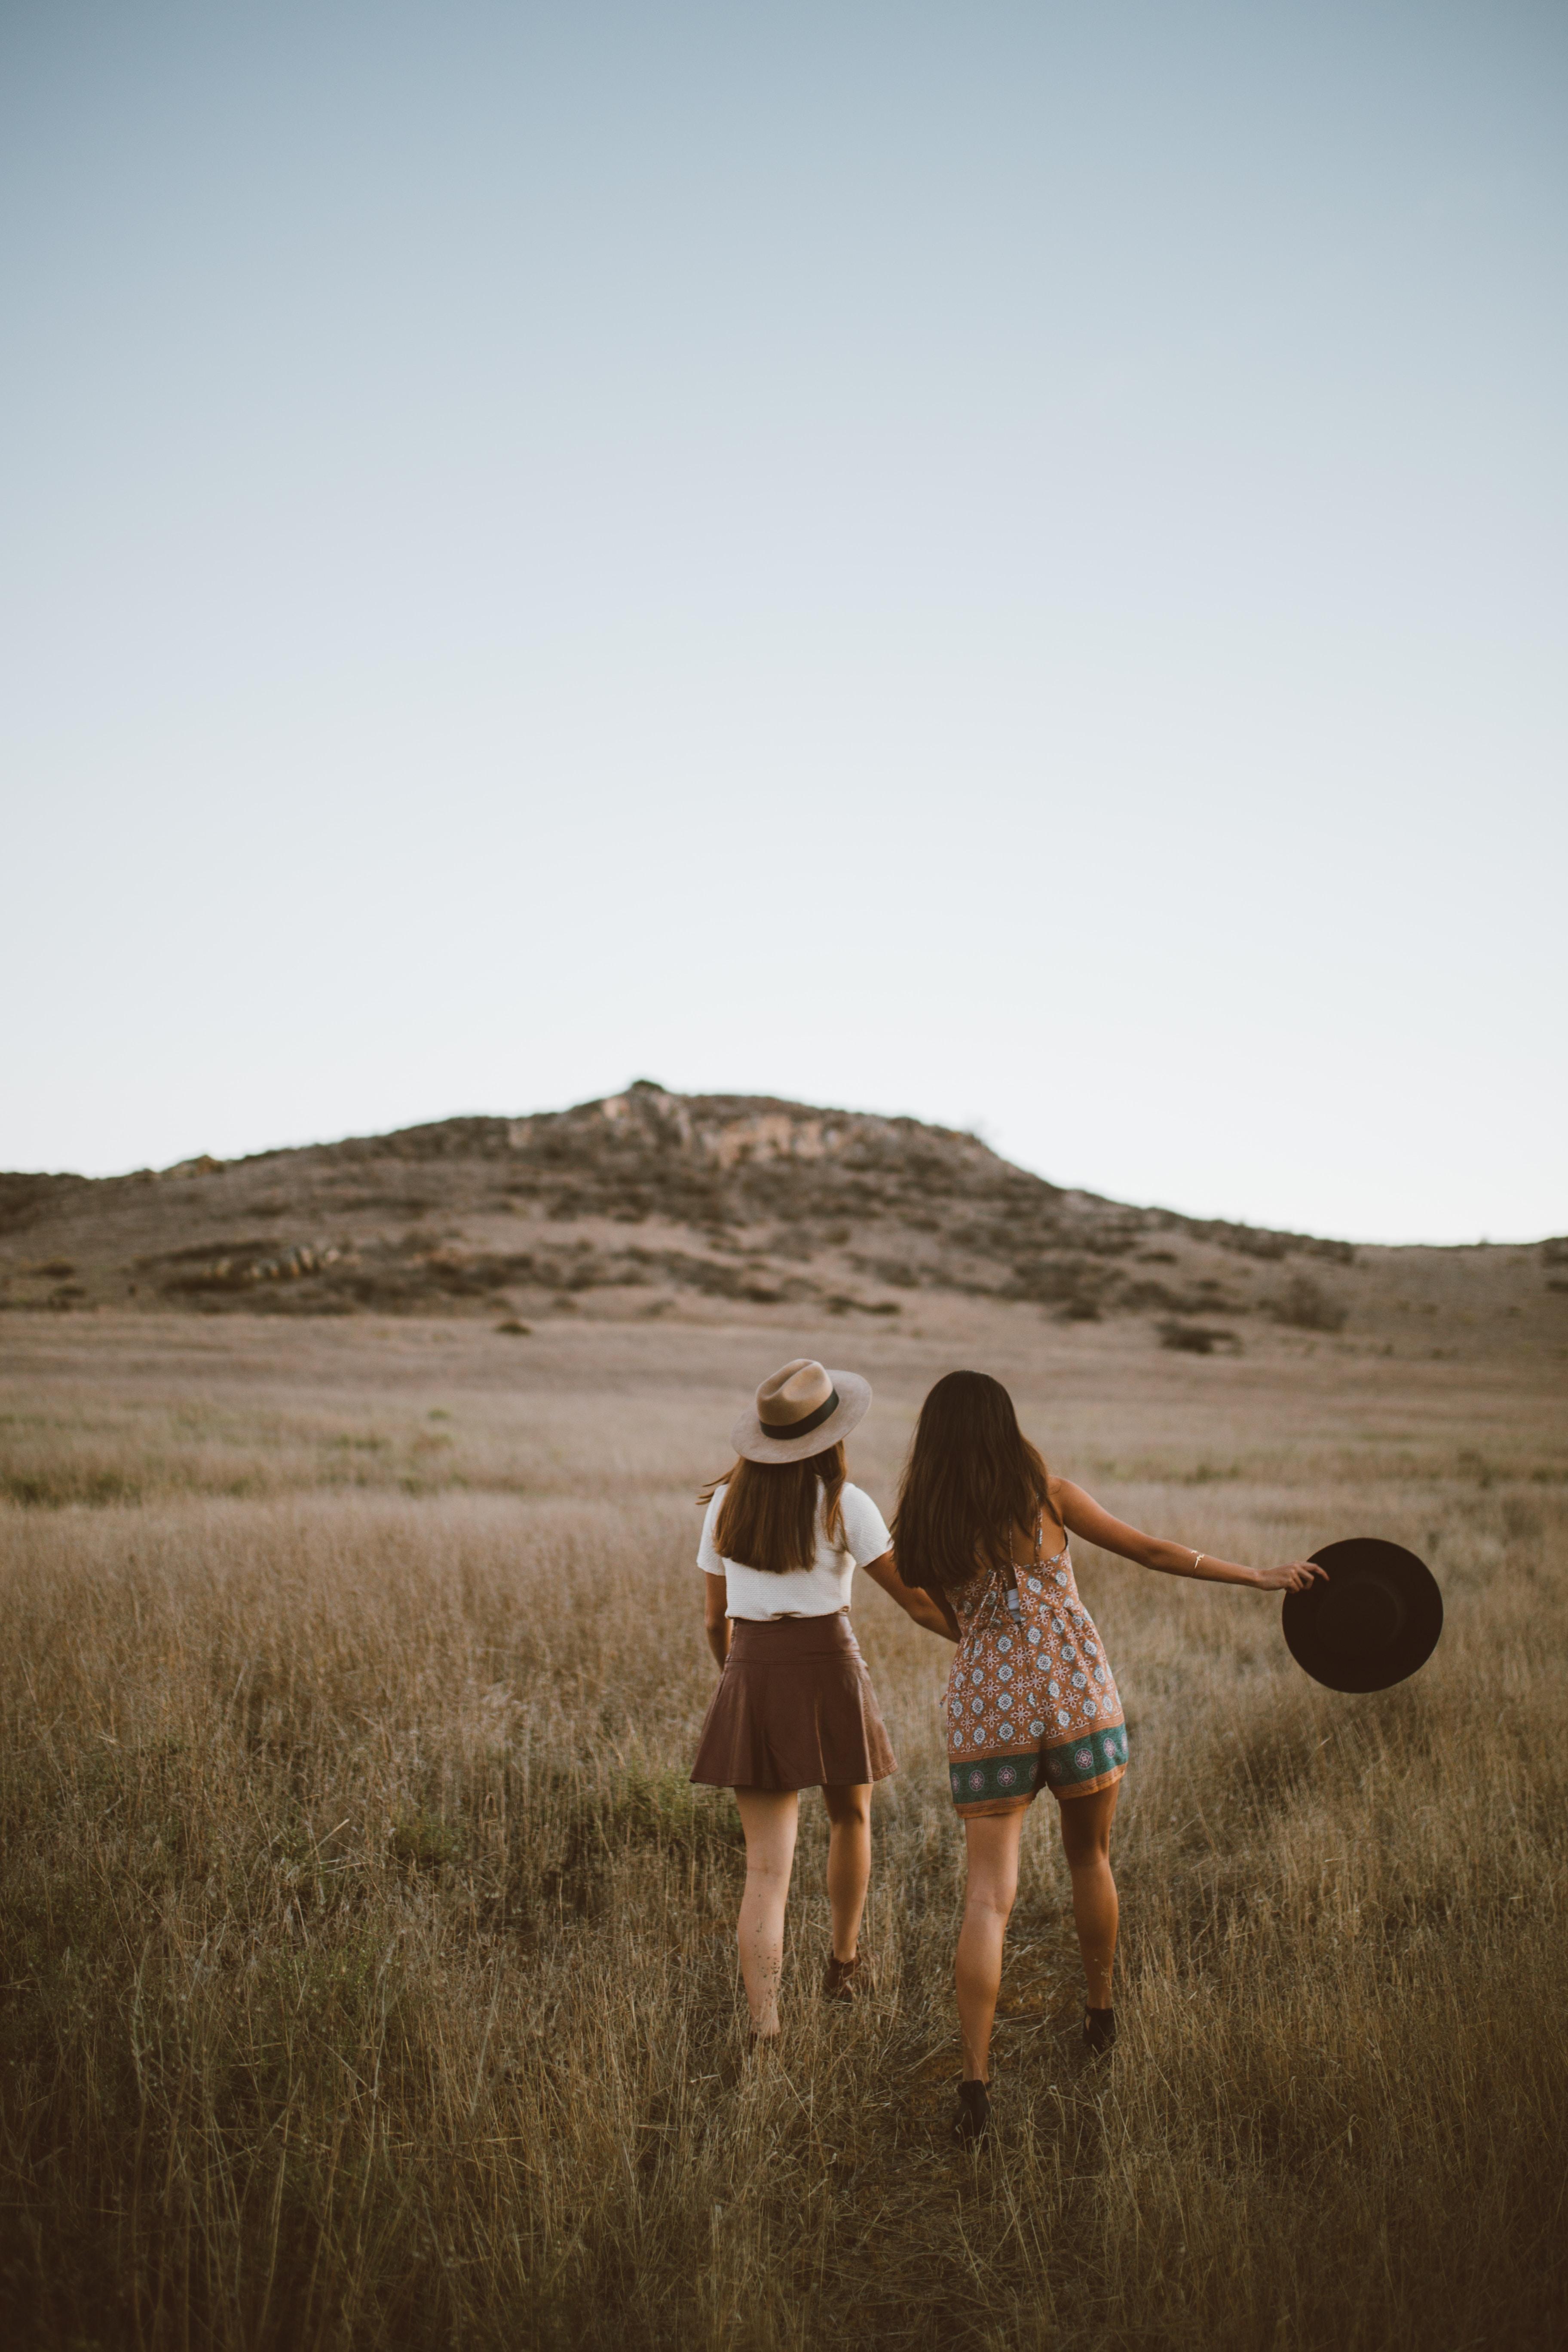 two women walking around near mountain at daytime